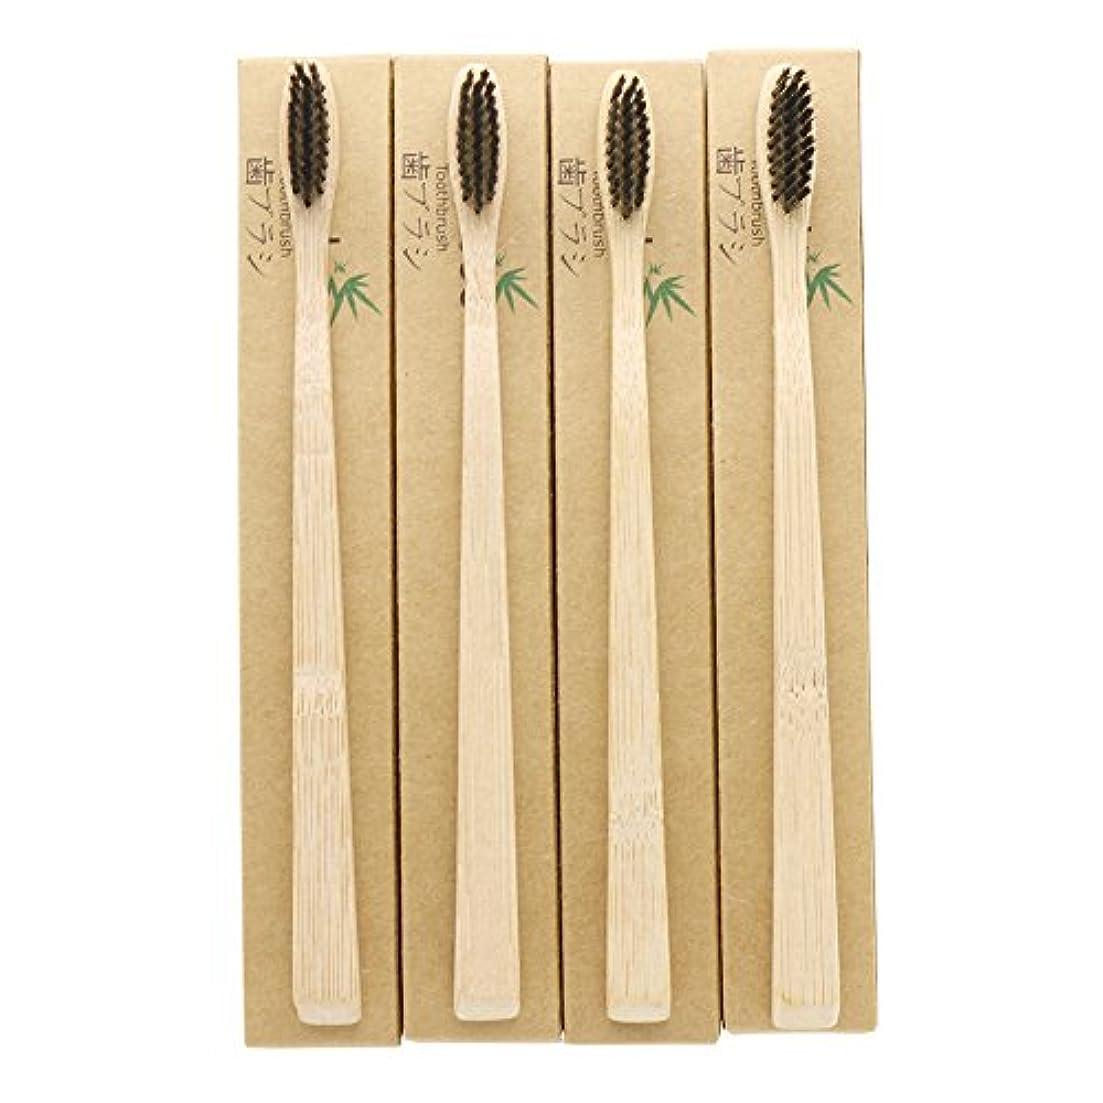 病気のスチュワードインポートN-amboo 竹製耐久度高い 歯ブラシ 黒い ハンドル小さい 4本入りセット